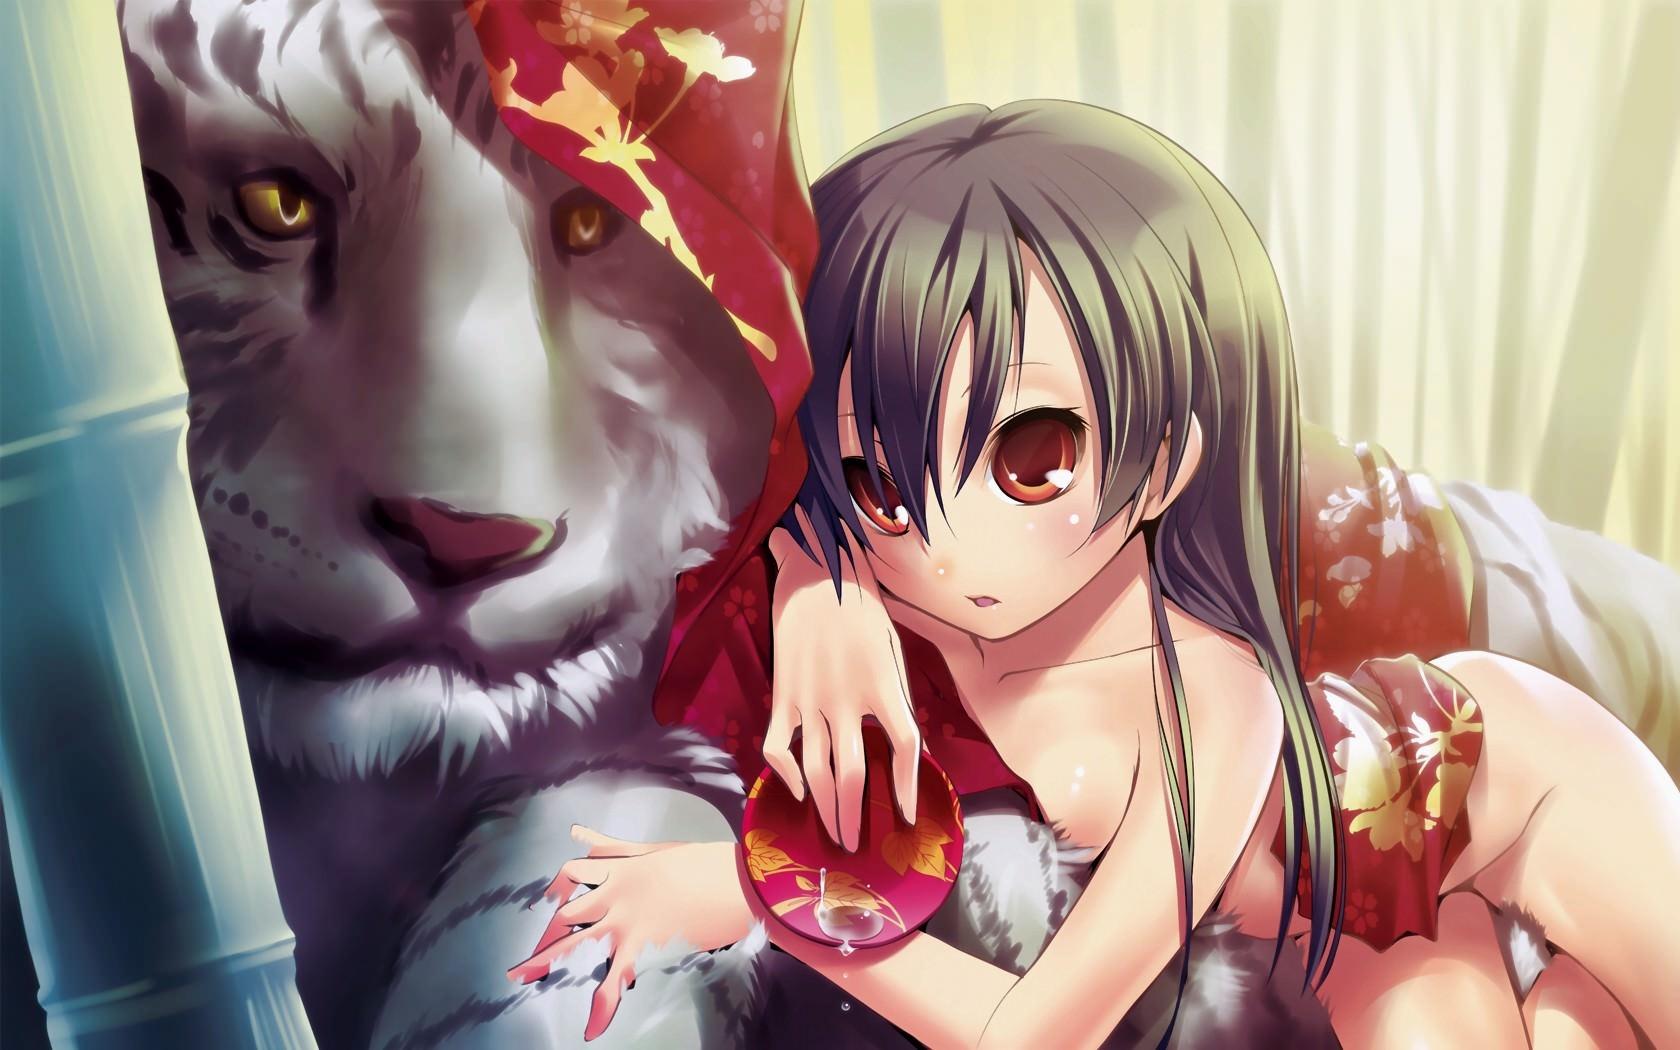 Фото Девчонка в красном кимоно и белый тигр, скачать картинку бесплатно